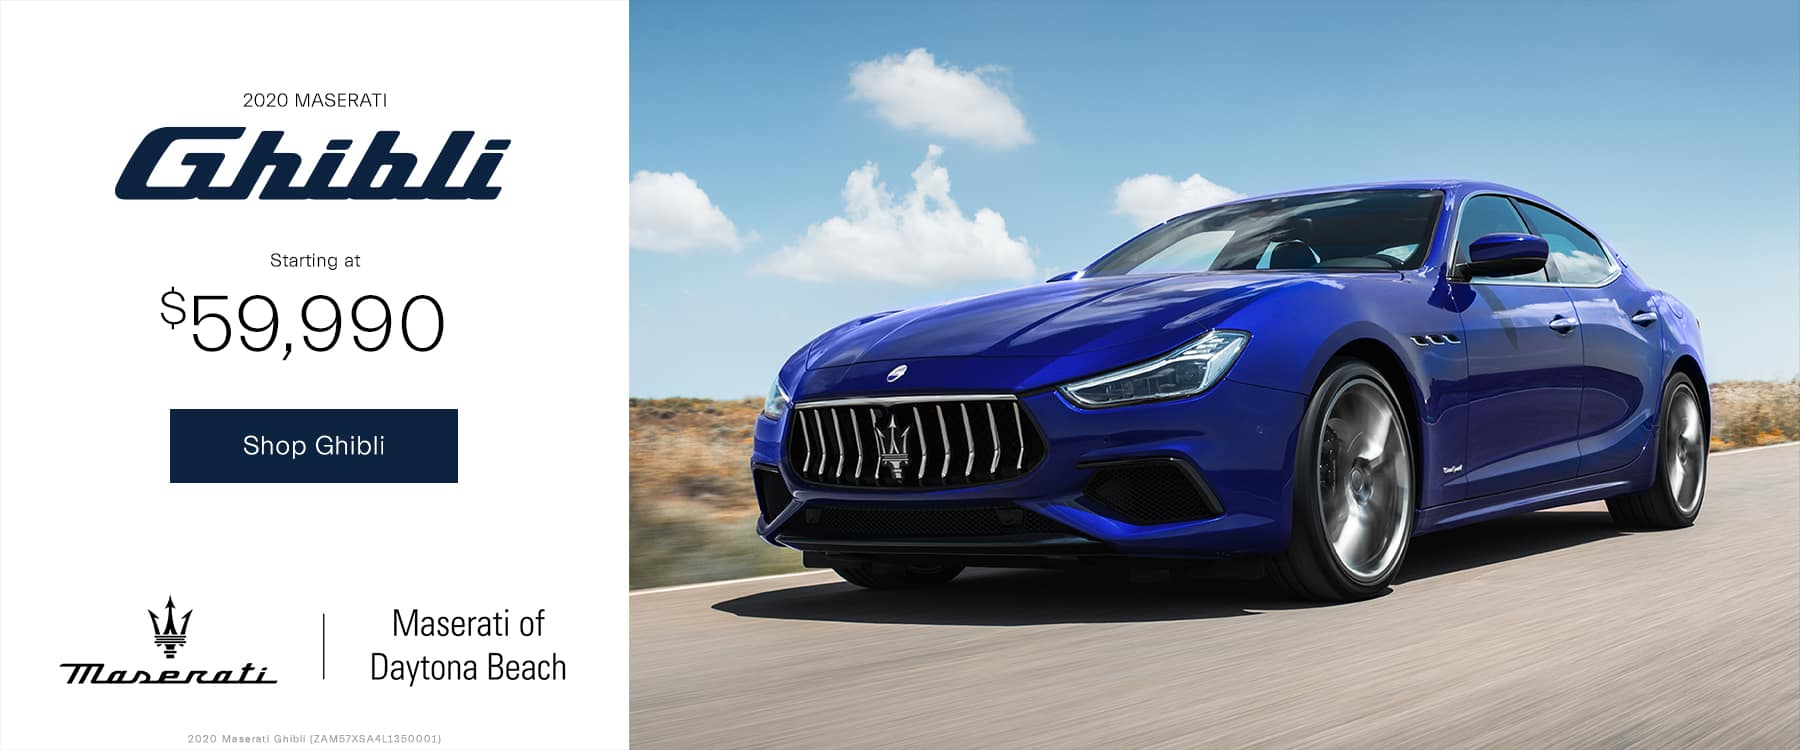 DMAR-2104-Maserati-1800×750-01